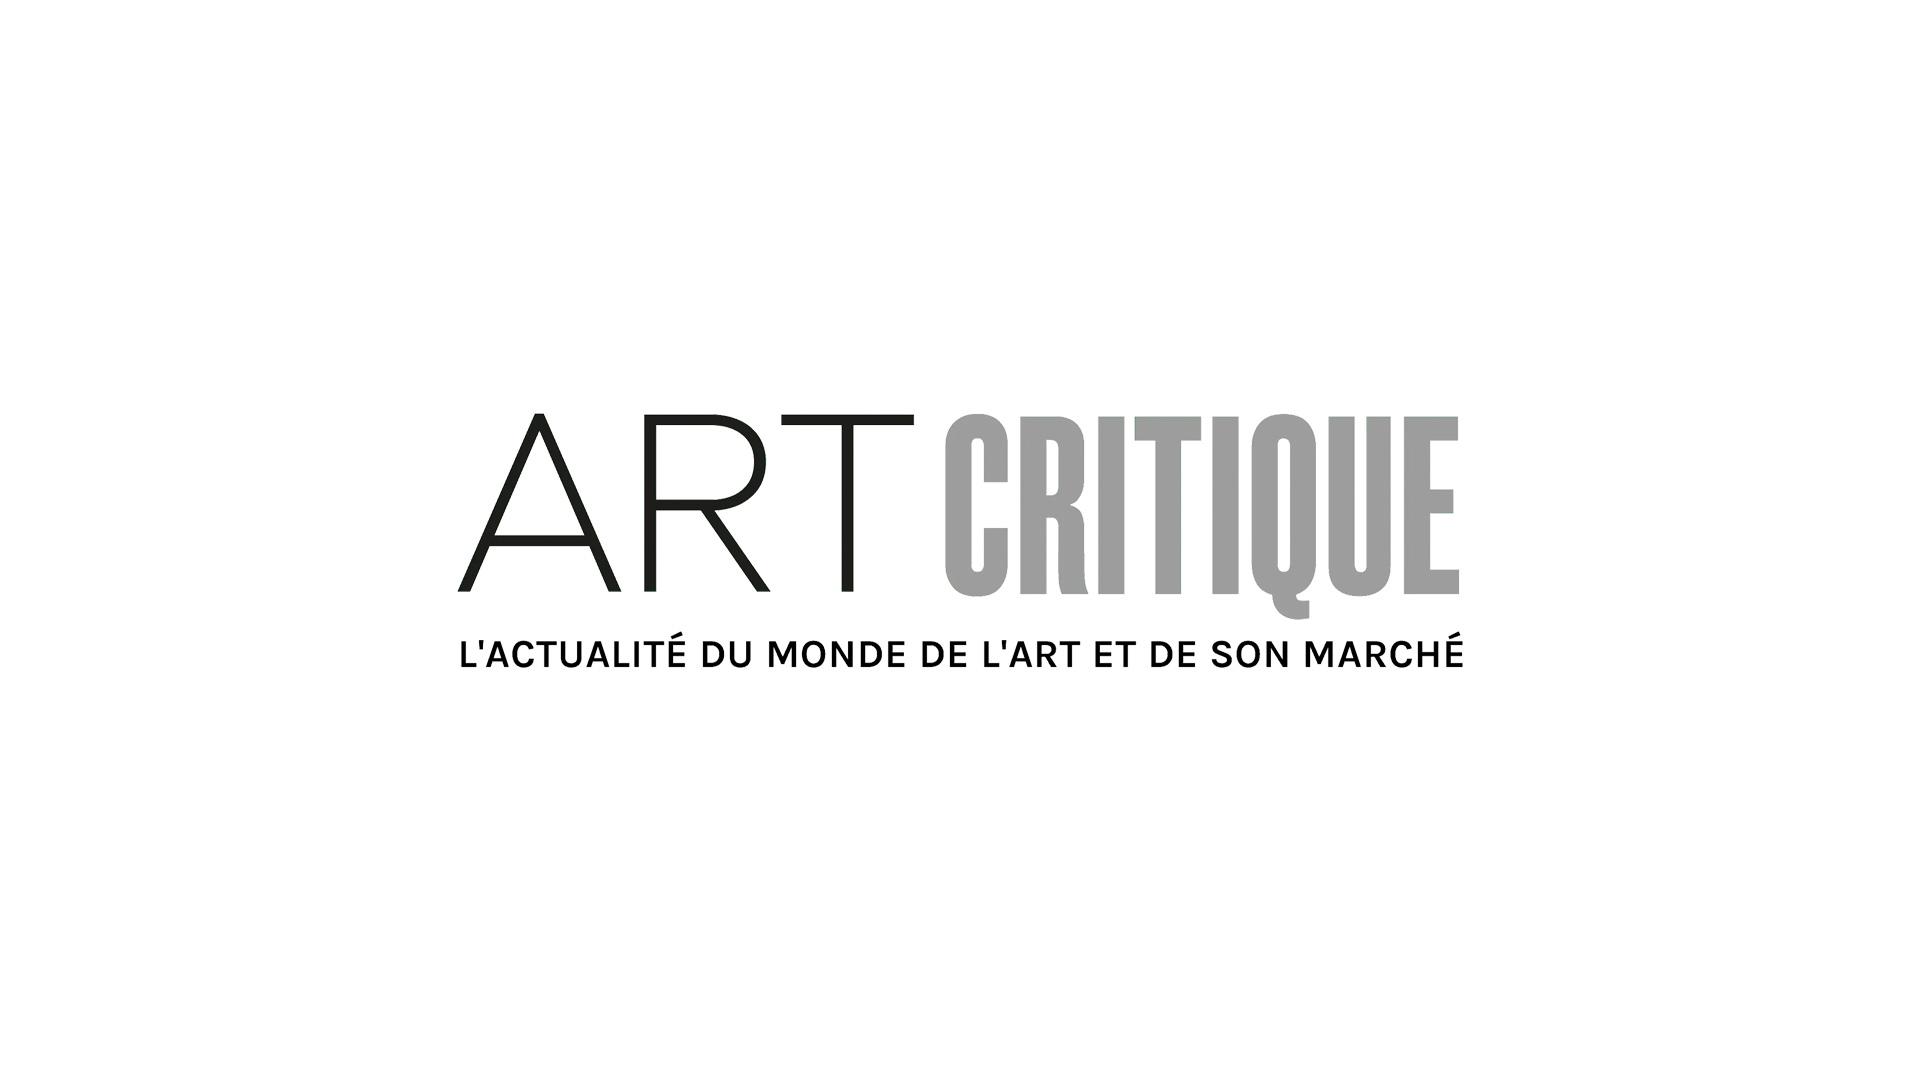 Anna Coleman Ladd, sculptrice pour gueules cassées